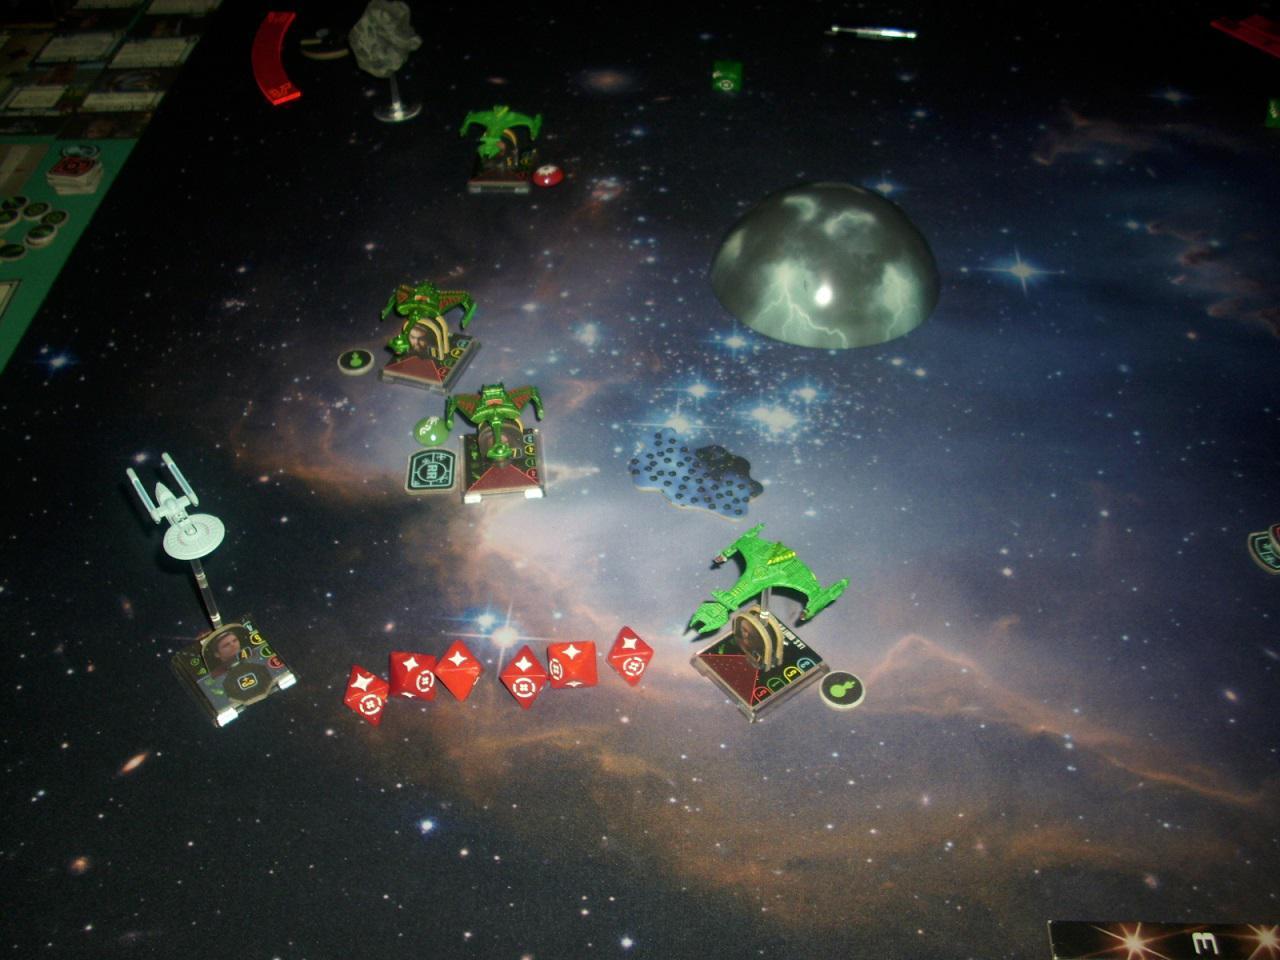 Organia ... Überfall der Föderation auf das klingonische Reich D75roqei2lkigva0a